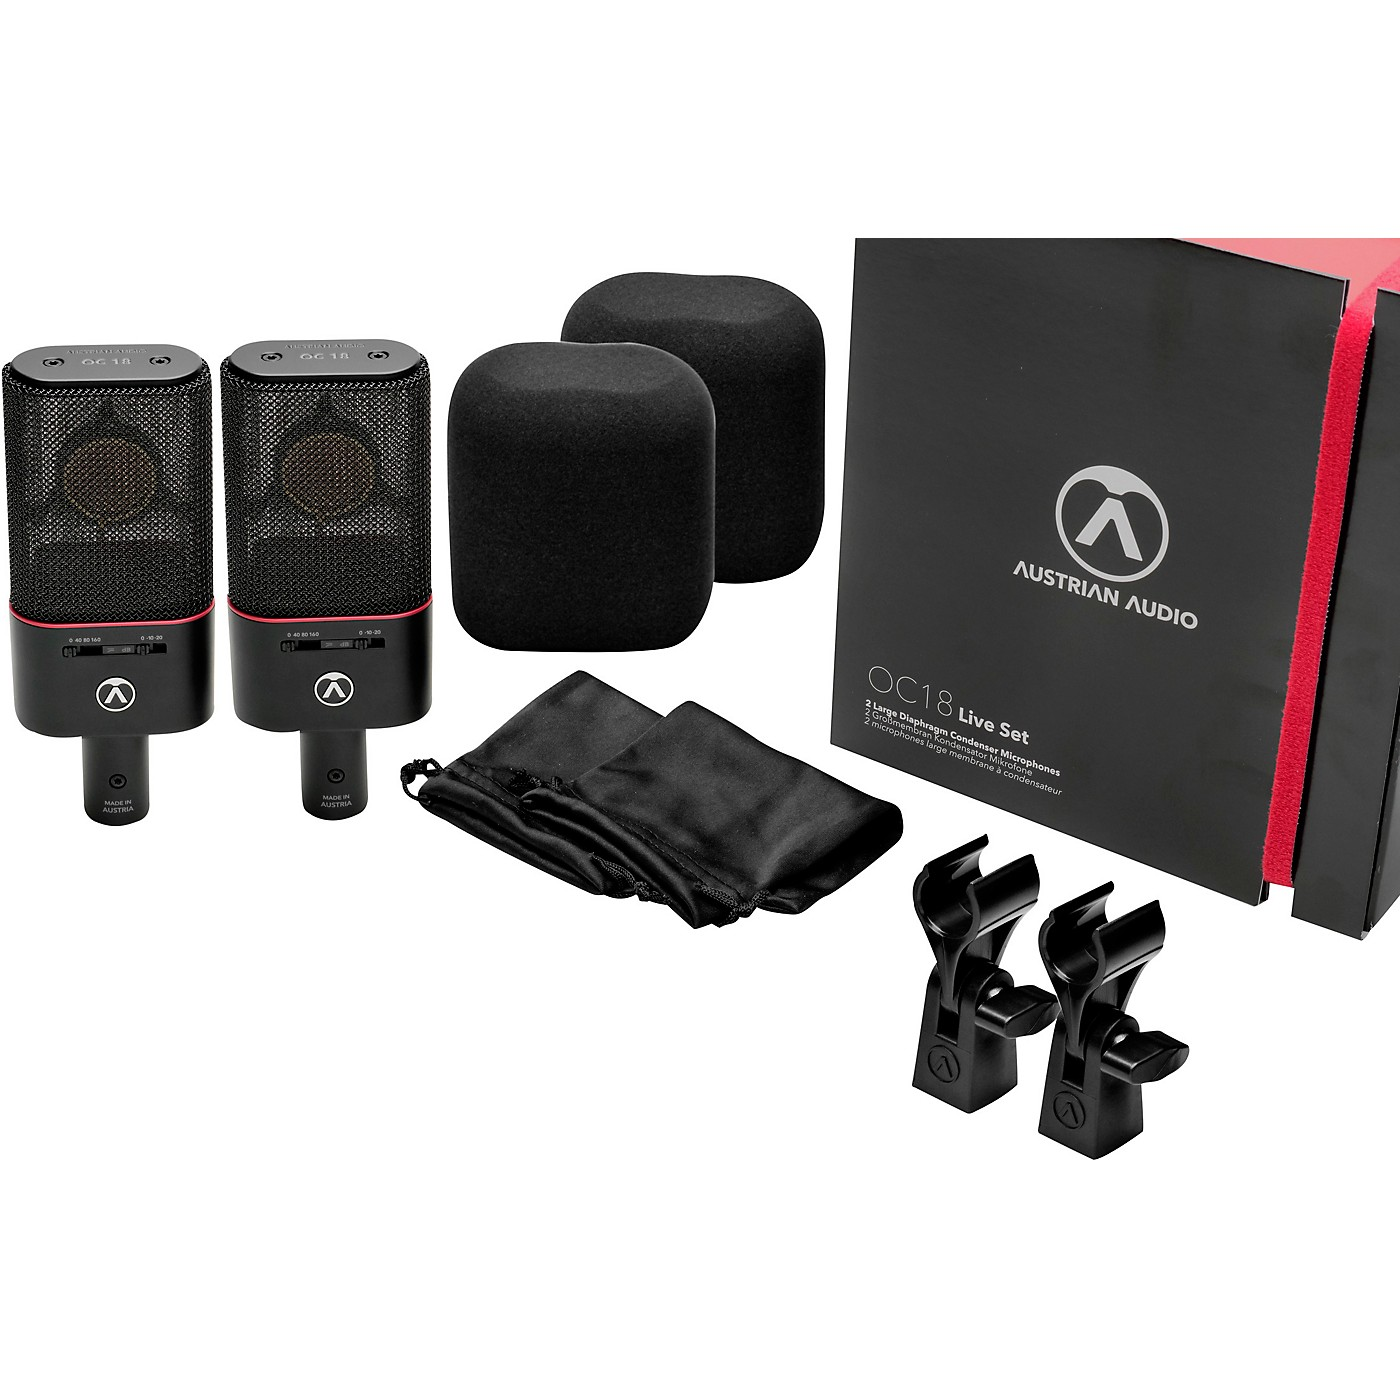 Austrian Audio OC18 Large-diaphragm Condenser Microphone - Live Set thumbnail